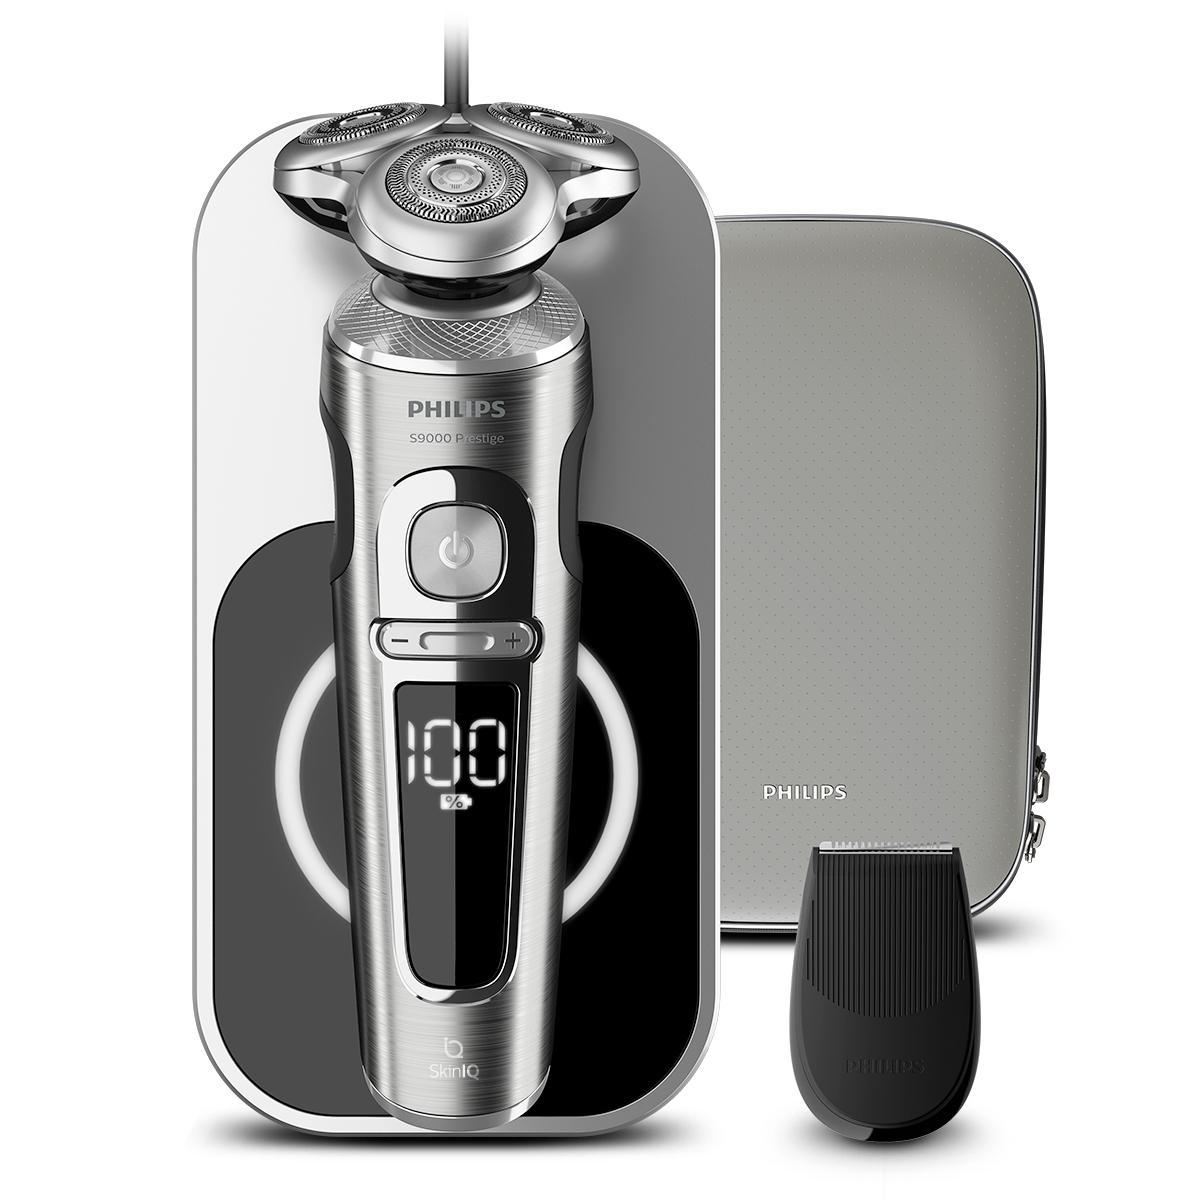 필립스 S9000 프레스티지 무선충전 전기면도기, SP9861/13, 타임리스 엘레강스 라이트